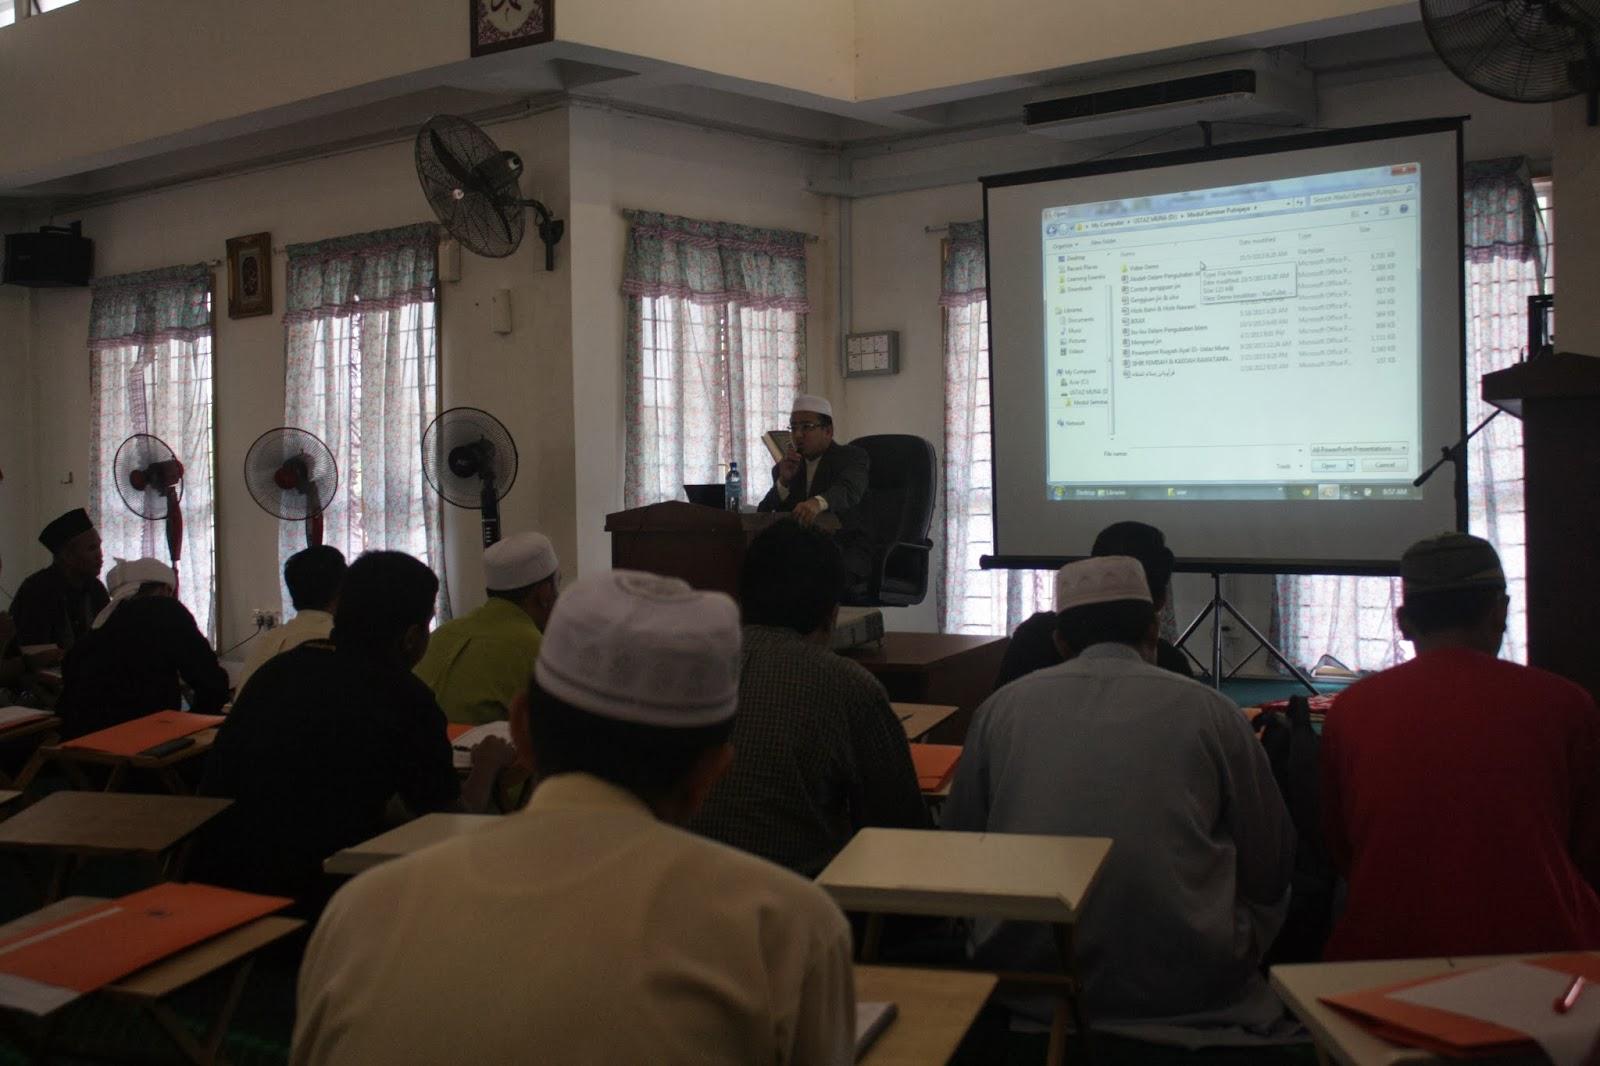 Pusat Rawatan Islam Darul Naim Gambar Seminar